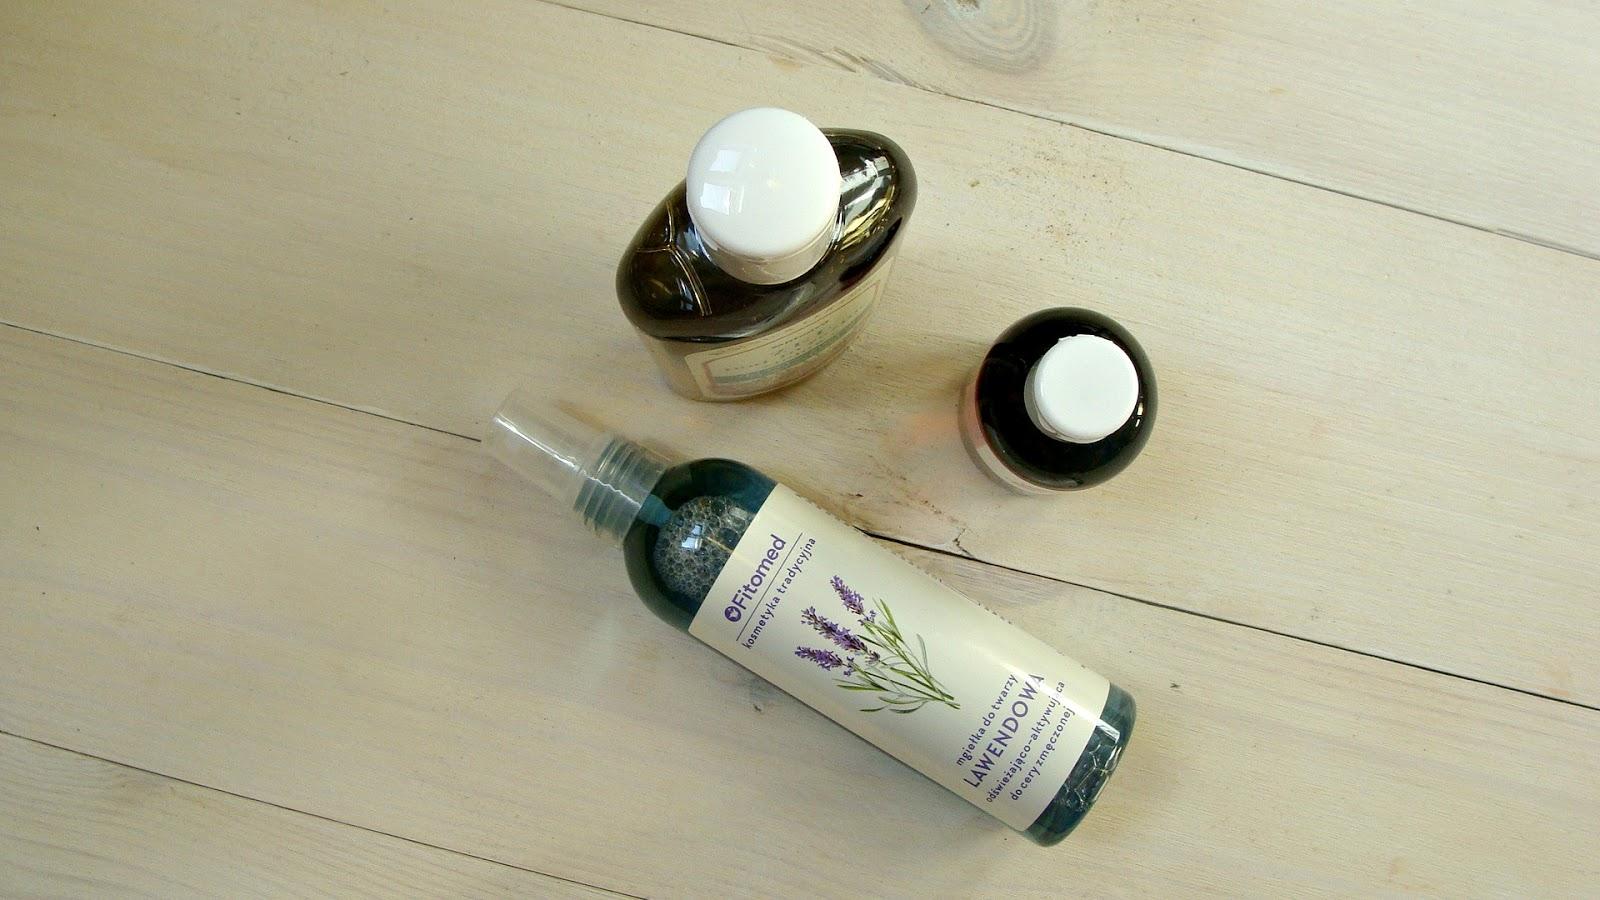 Woda różana Fitomed, mgiełka lawendowa Fitomed, żel ziołowy Fitomed do skóry suchej i wrażliwej